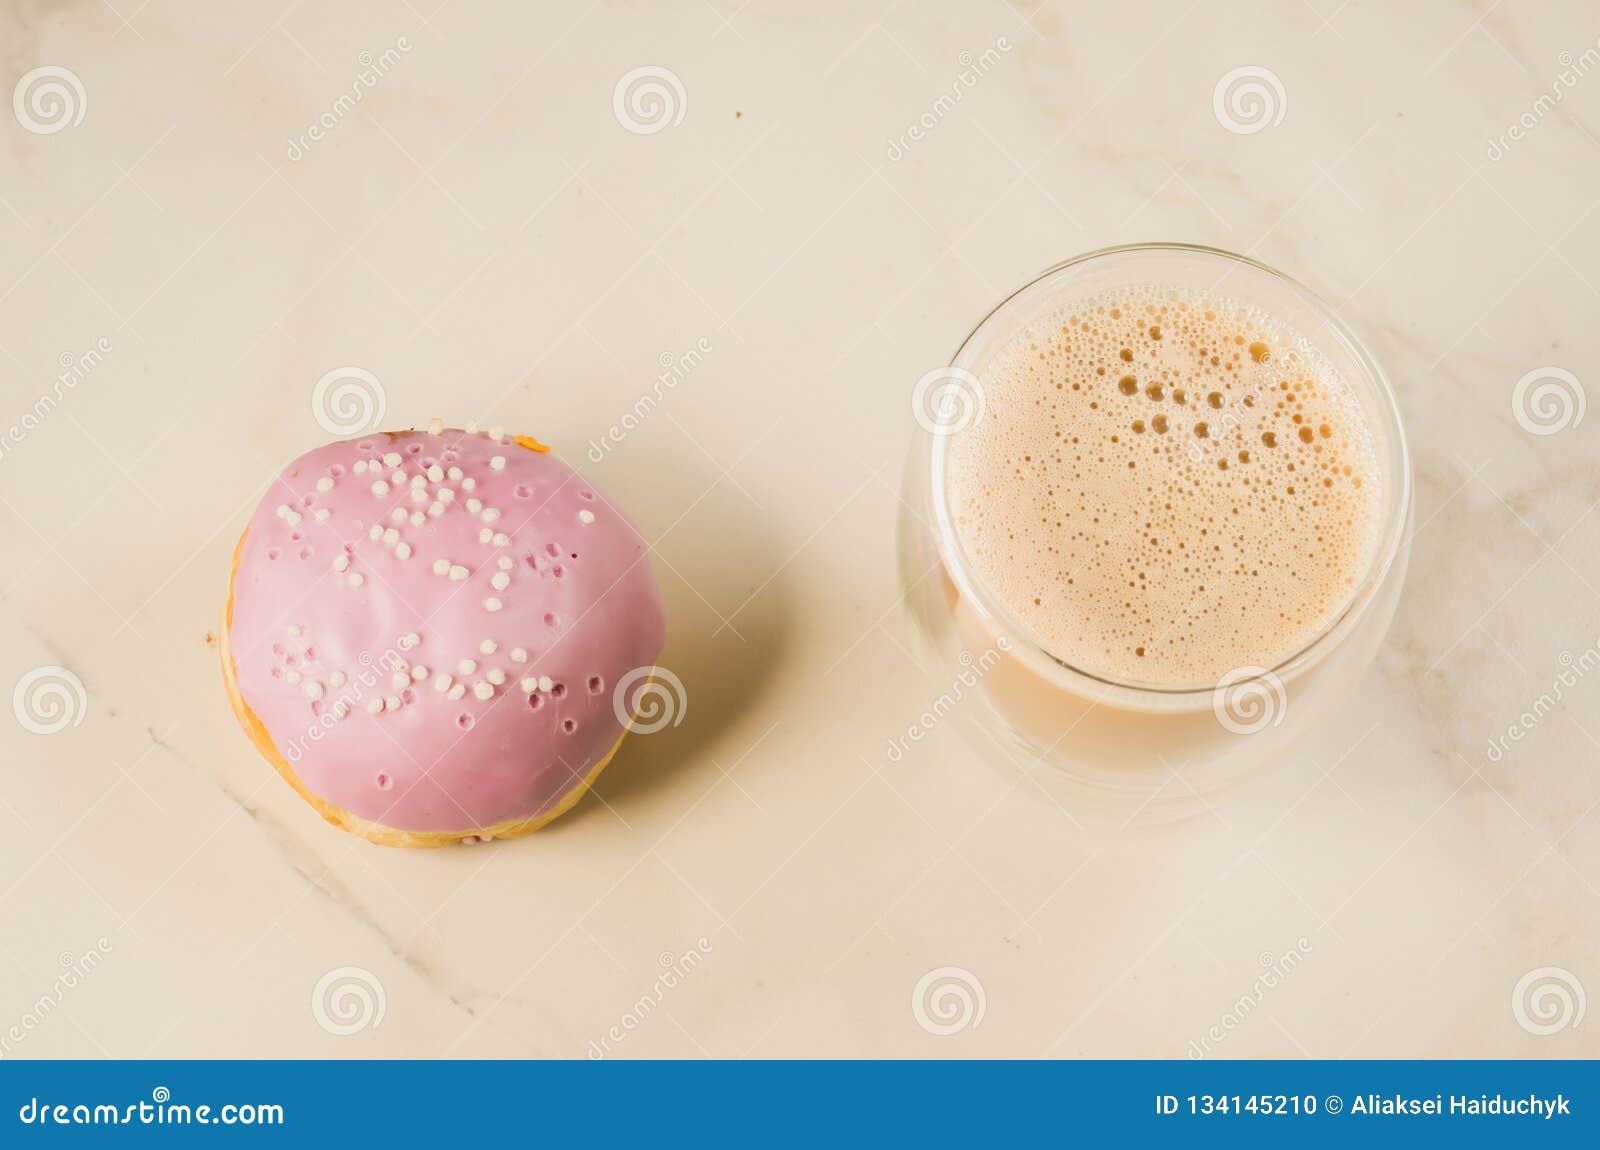 Doughnut in violette glans en een cappuccinoglas /donut in violette glans en een cappuccinoglas op een witte achtergrond, hoogste